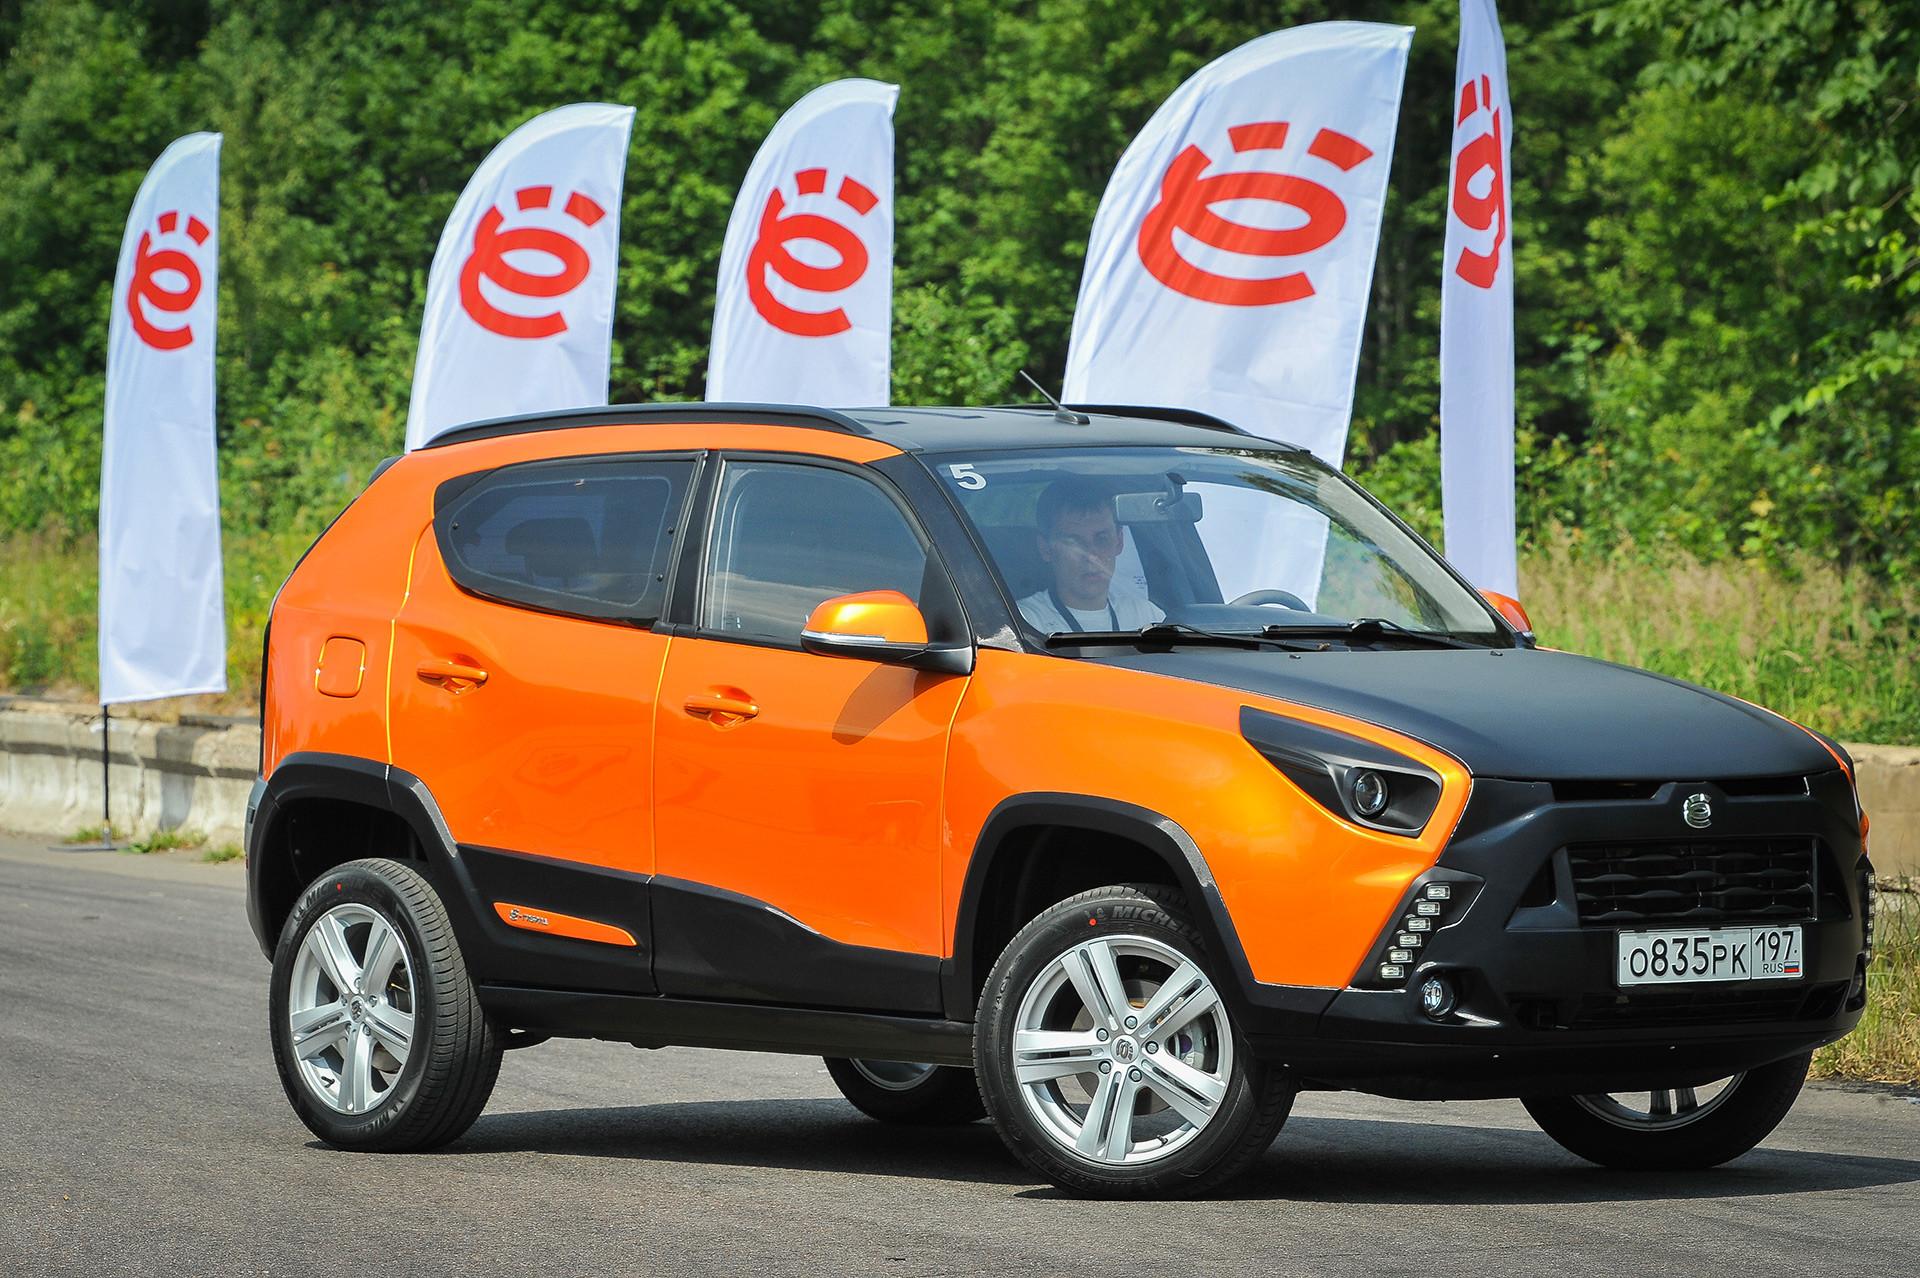 Črka ё kraljuje celo v imenu ambicioznega projekta hibridnega avtomobila Ё-mobil (Jo-mobil). Ta avtomobil so izdelali okrog leta 2010, projektu pa so se zaradi neuspešne prodaje štiri leta kasneje odpovedali.